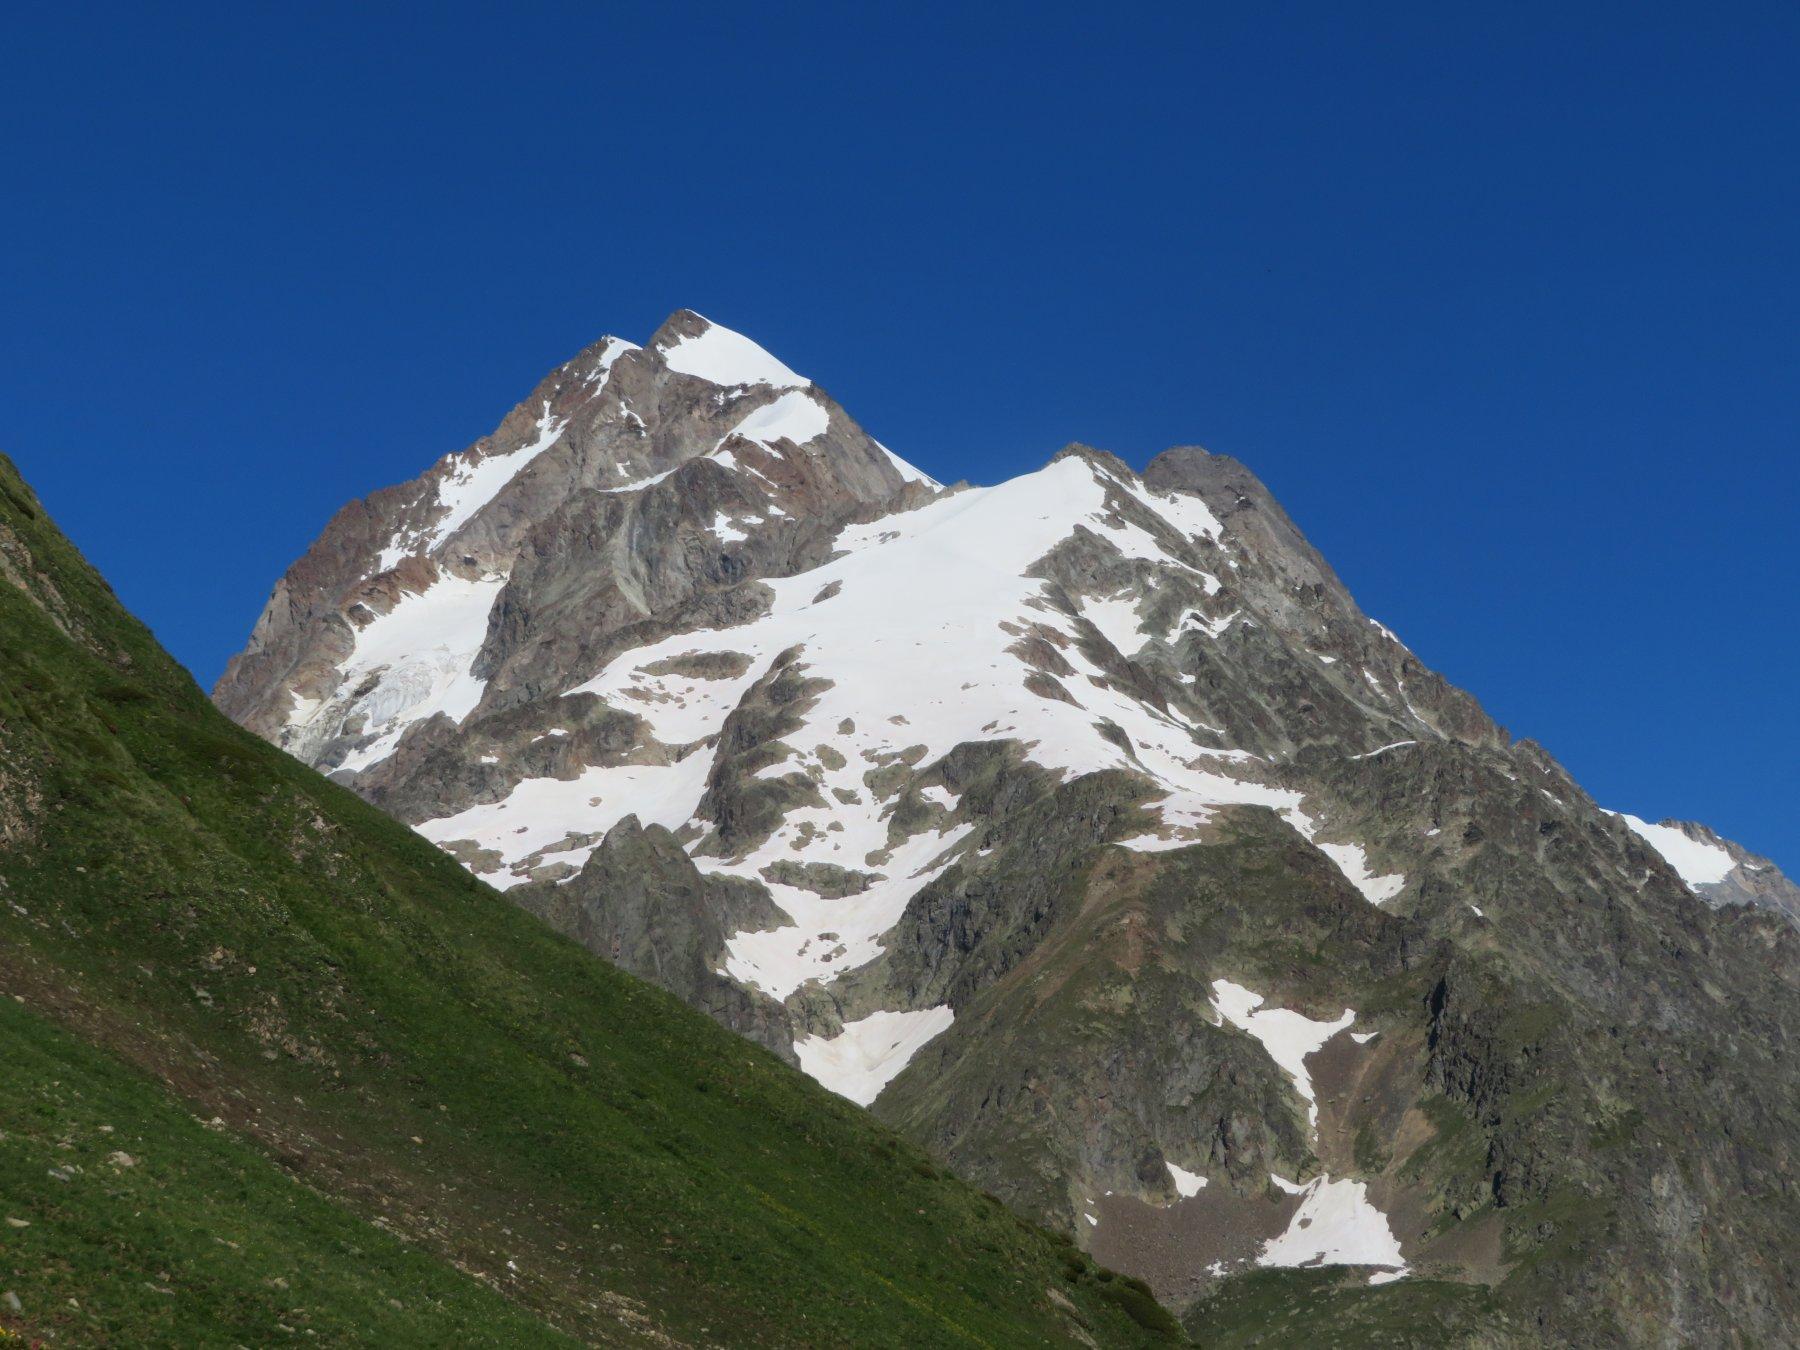 Aig. de Trelatete e Piccolo Monte Bianco, salendo